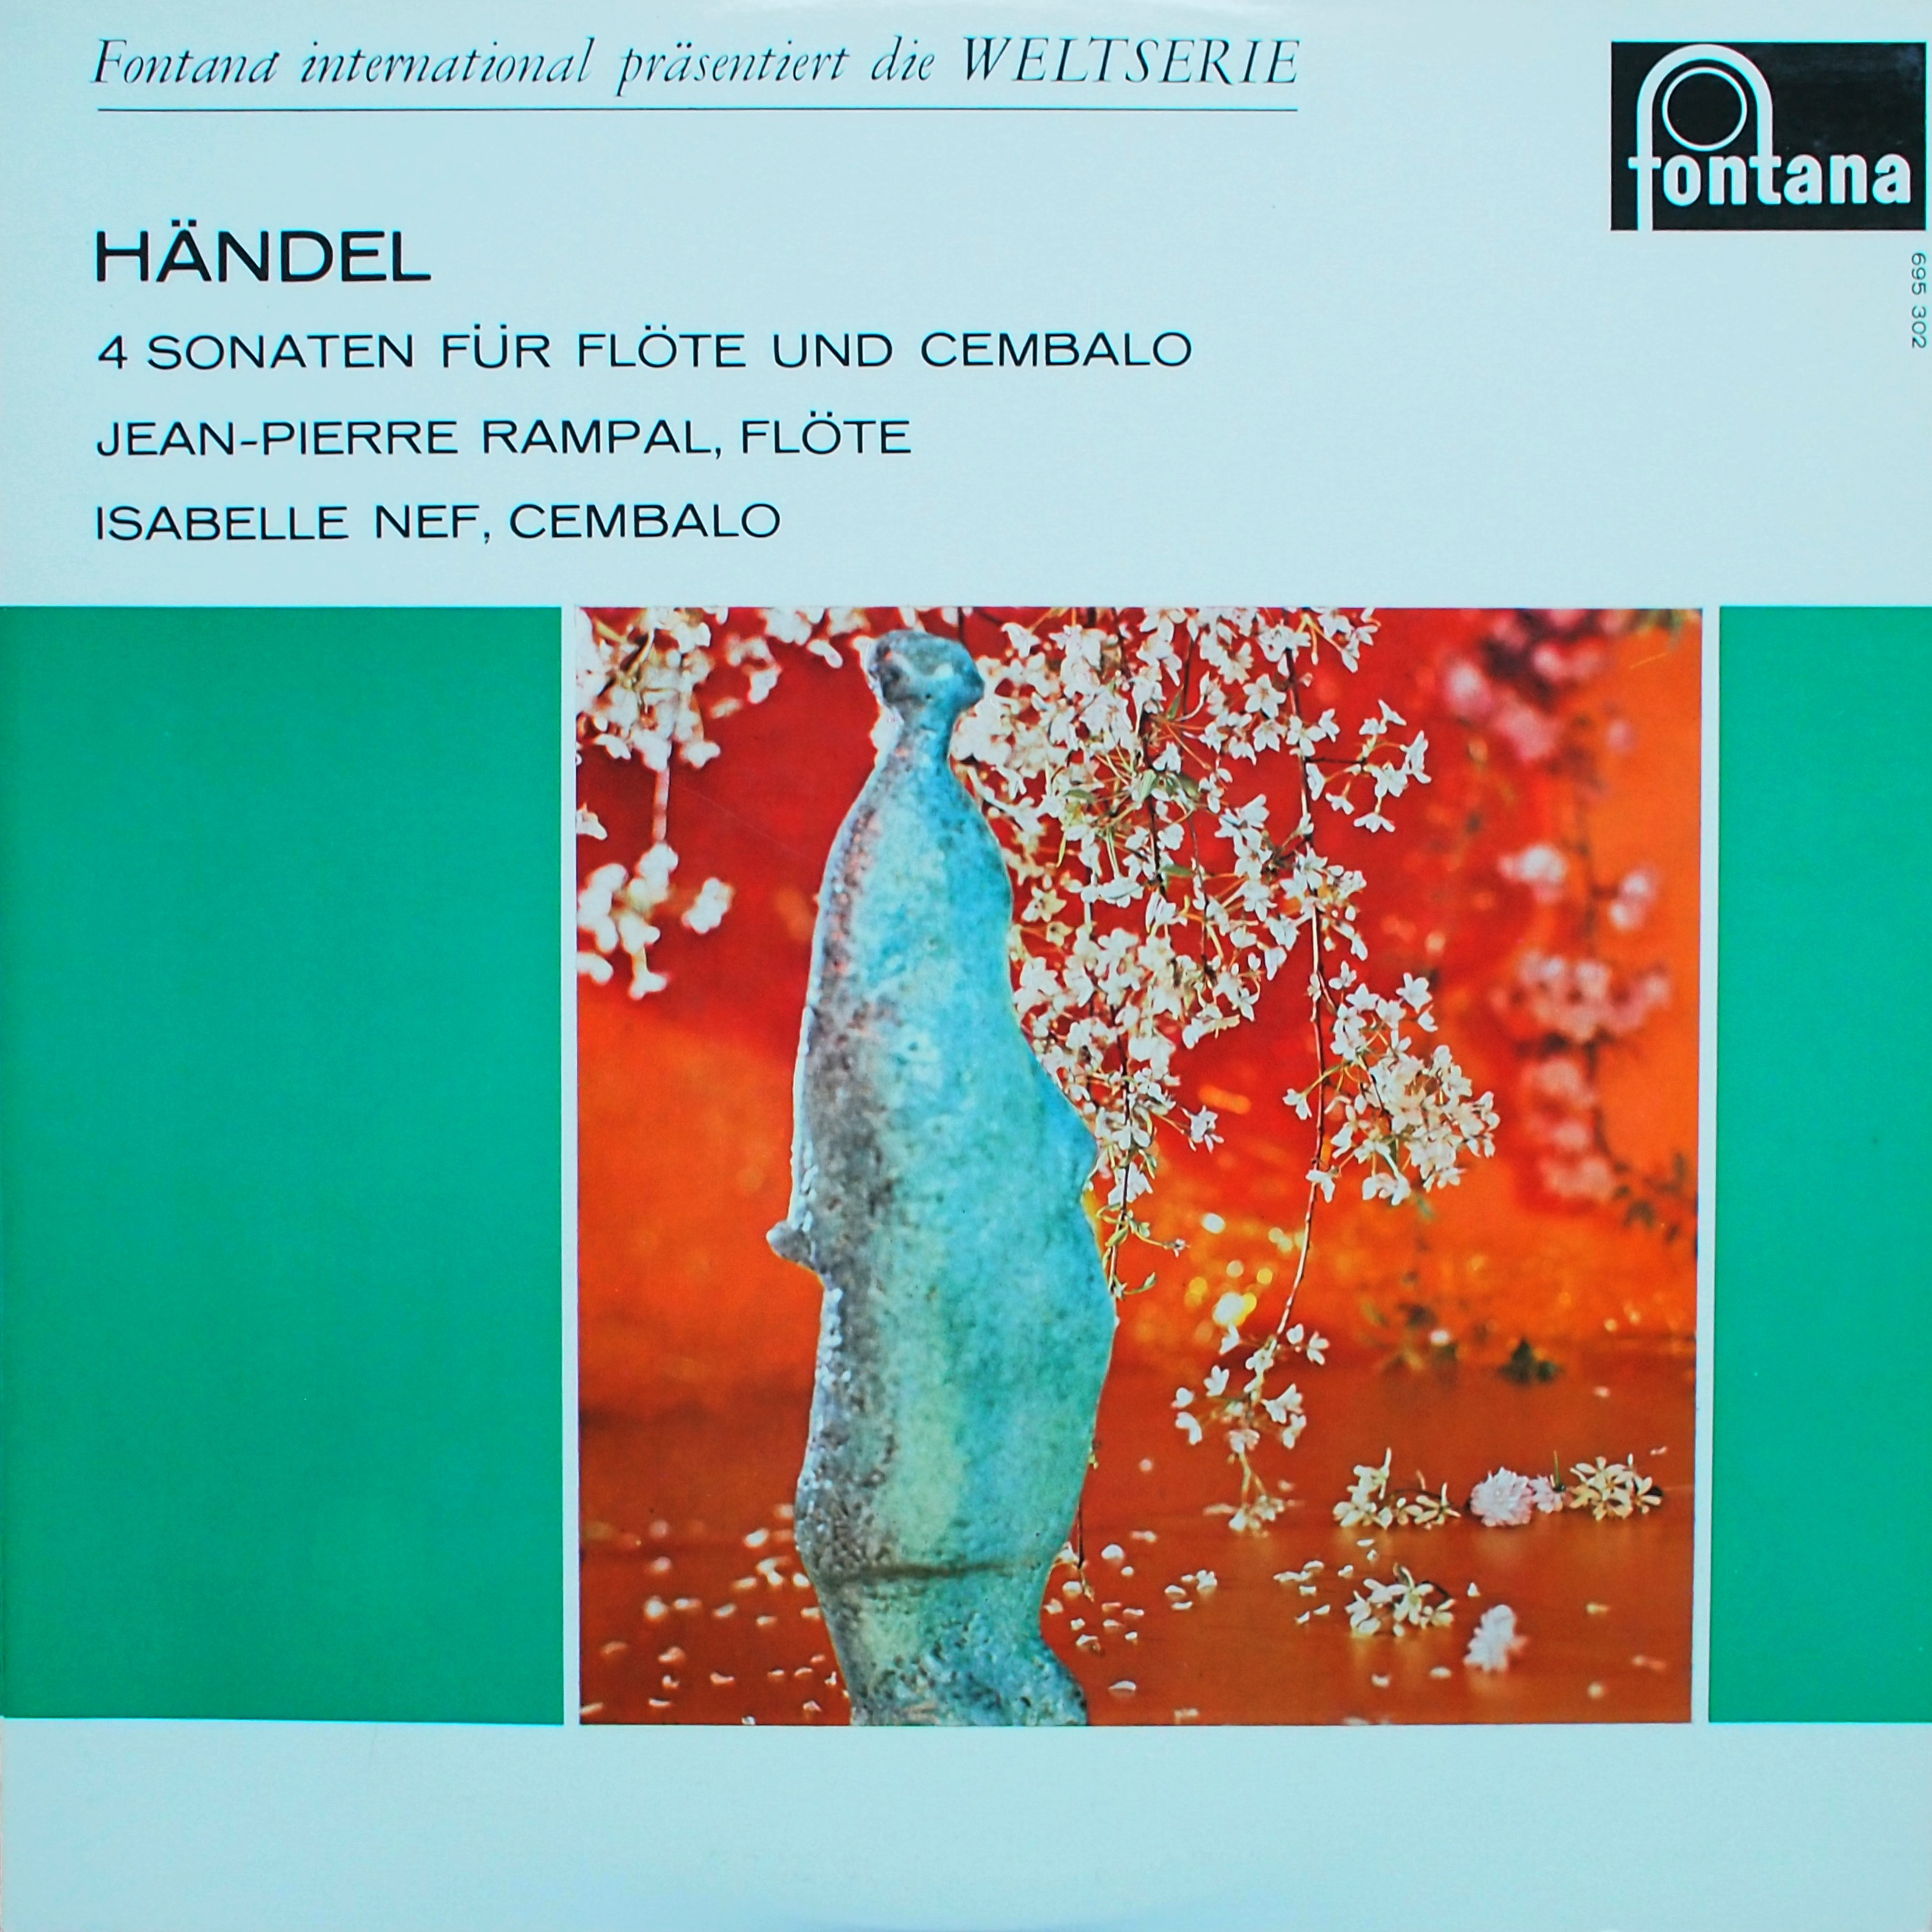 Recto de la pochette du disque Fontana 695 302, Cliquer sur la photo pour une vue agrandie